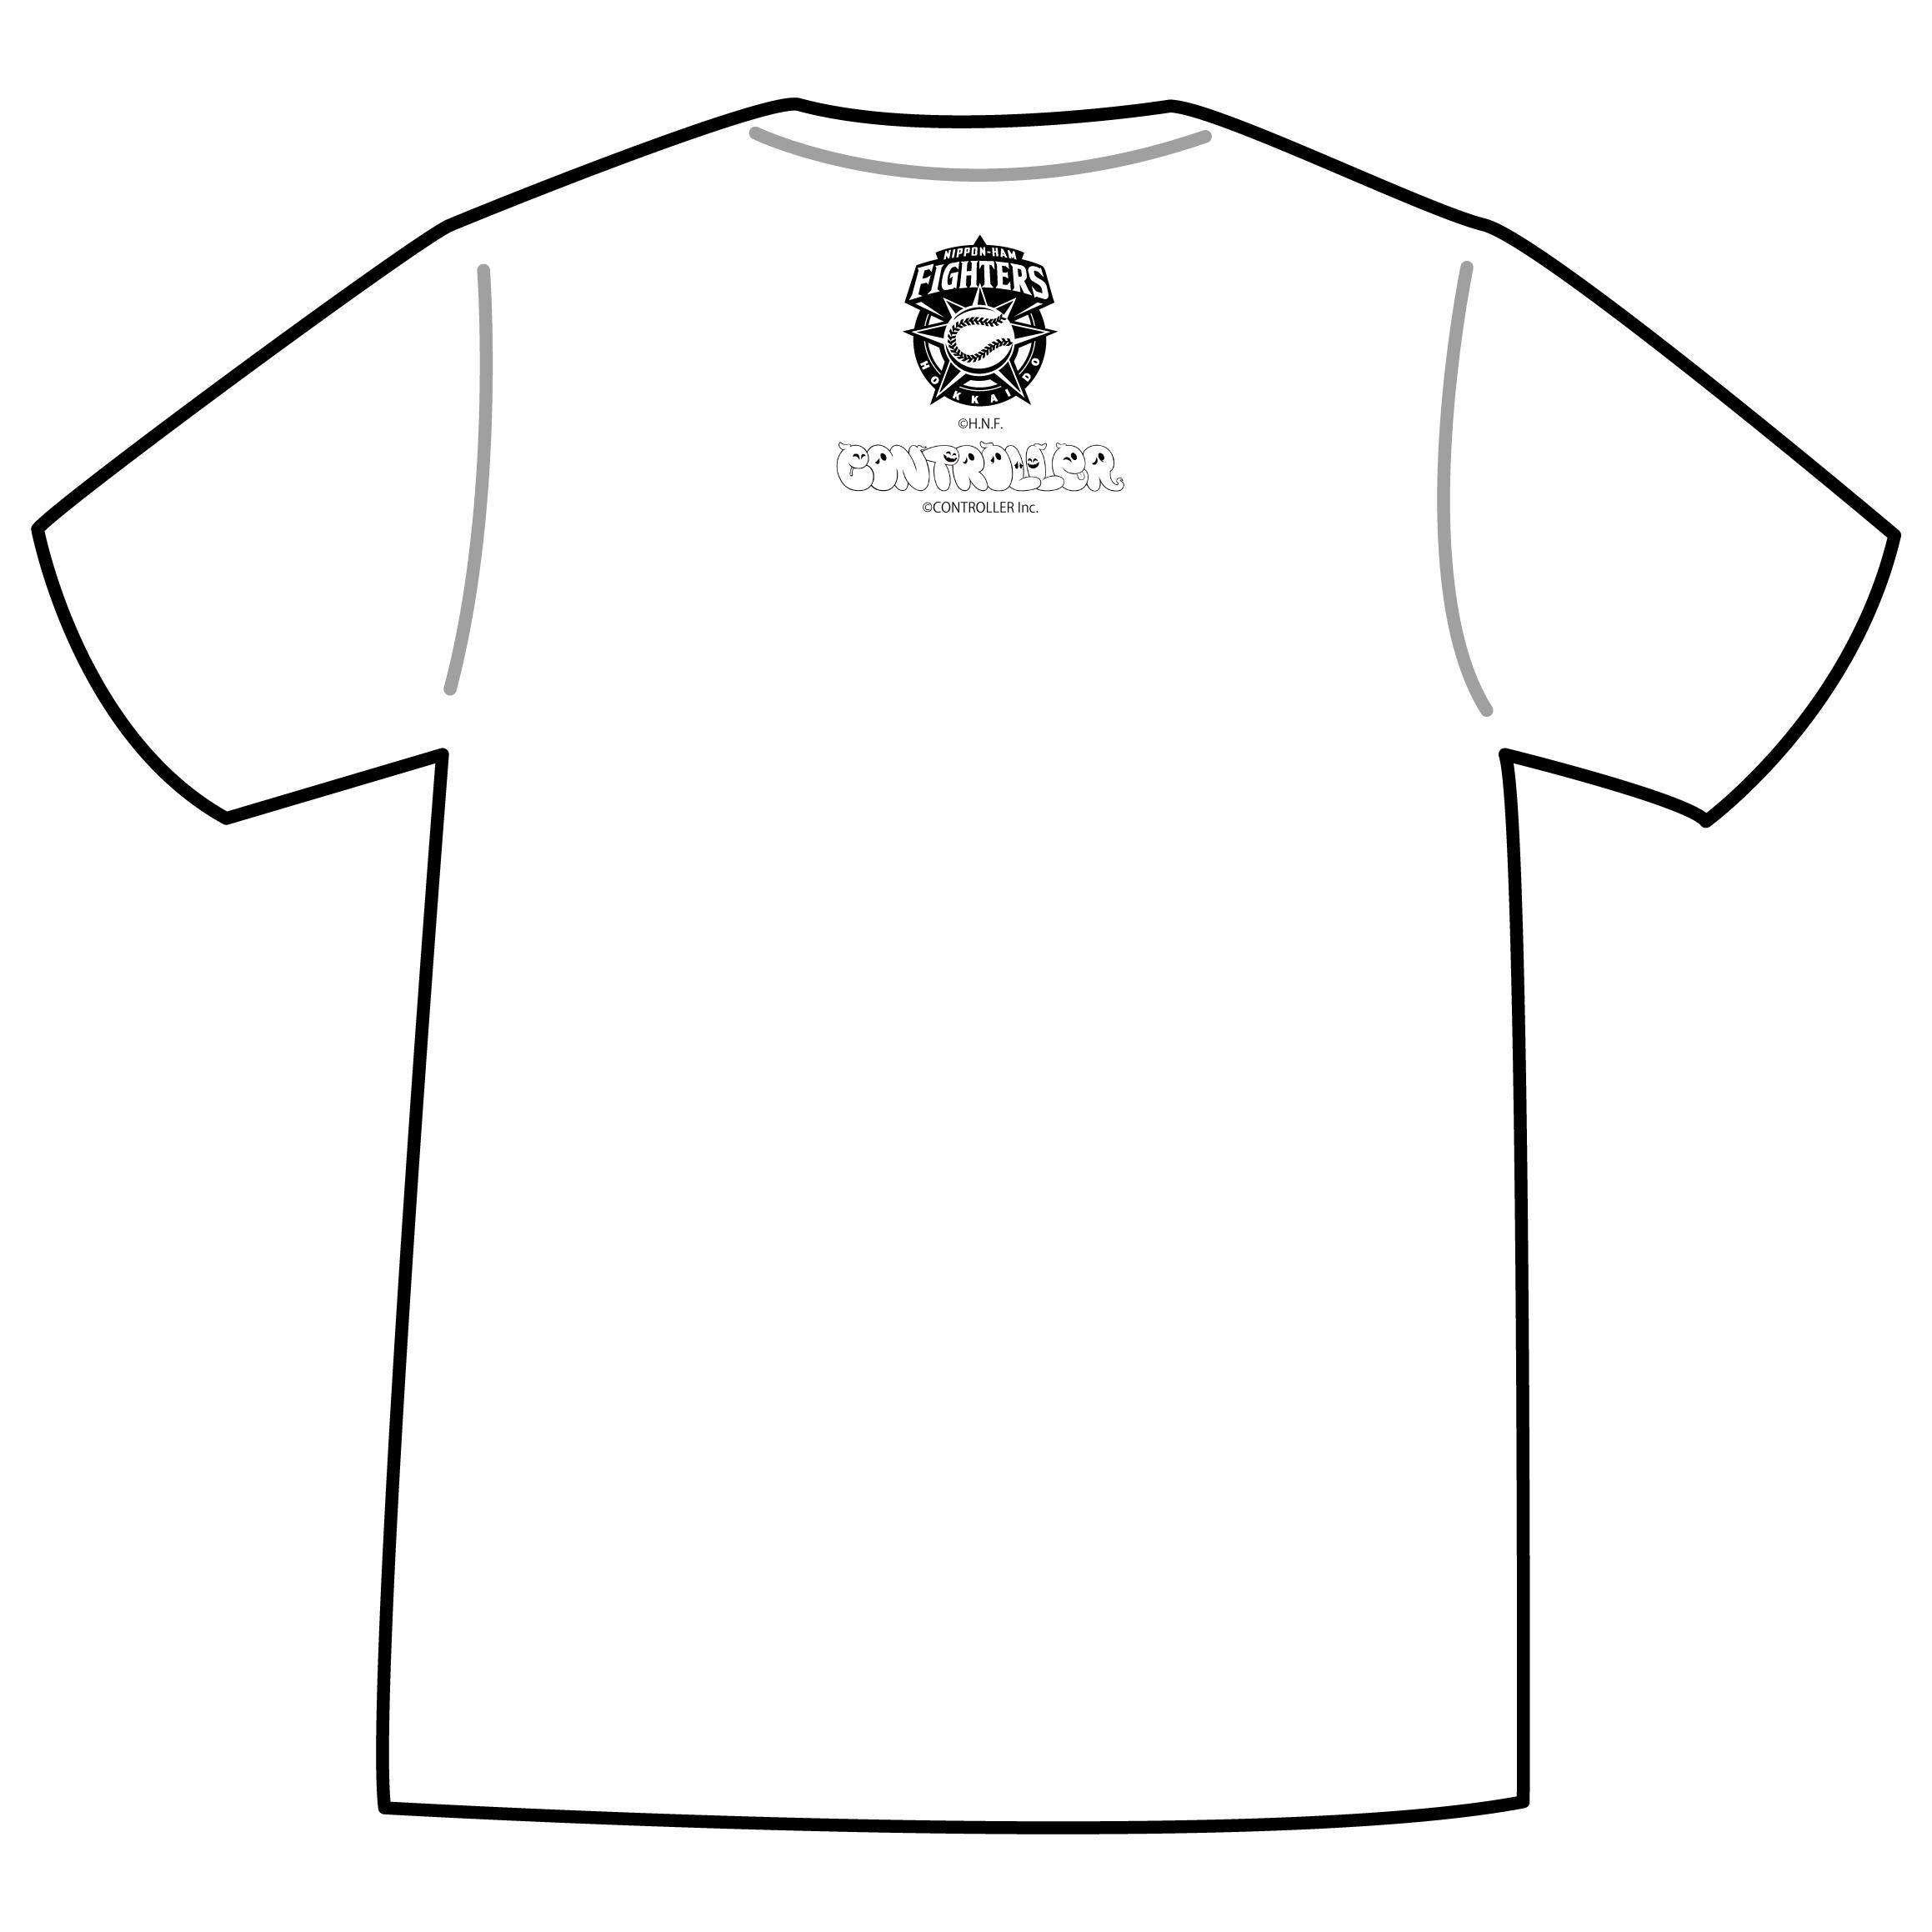 ドットファイターズ 「 ぽりー 」 Tシャツ ホワイト